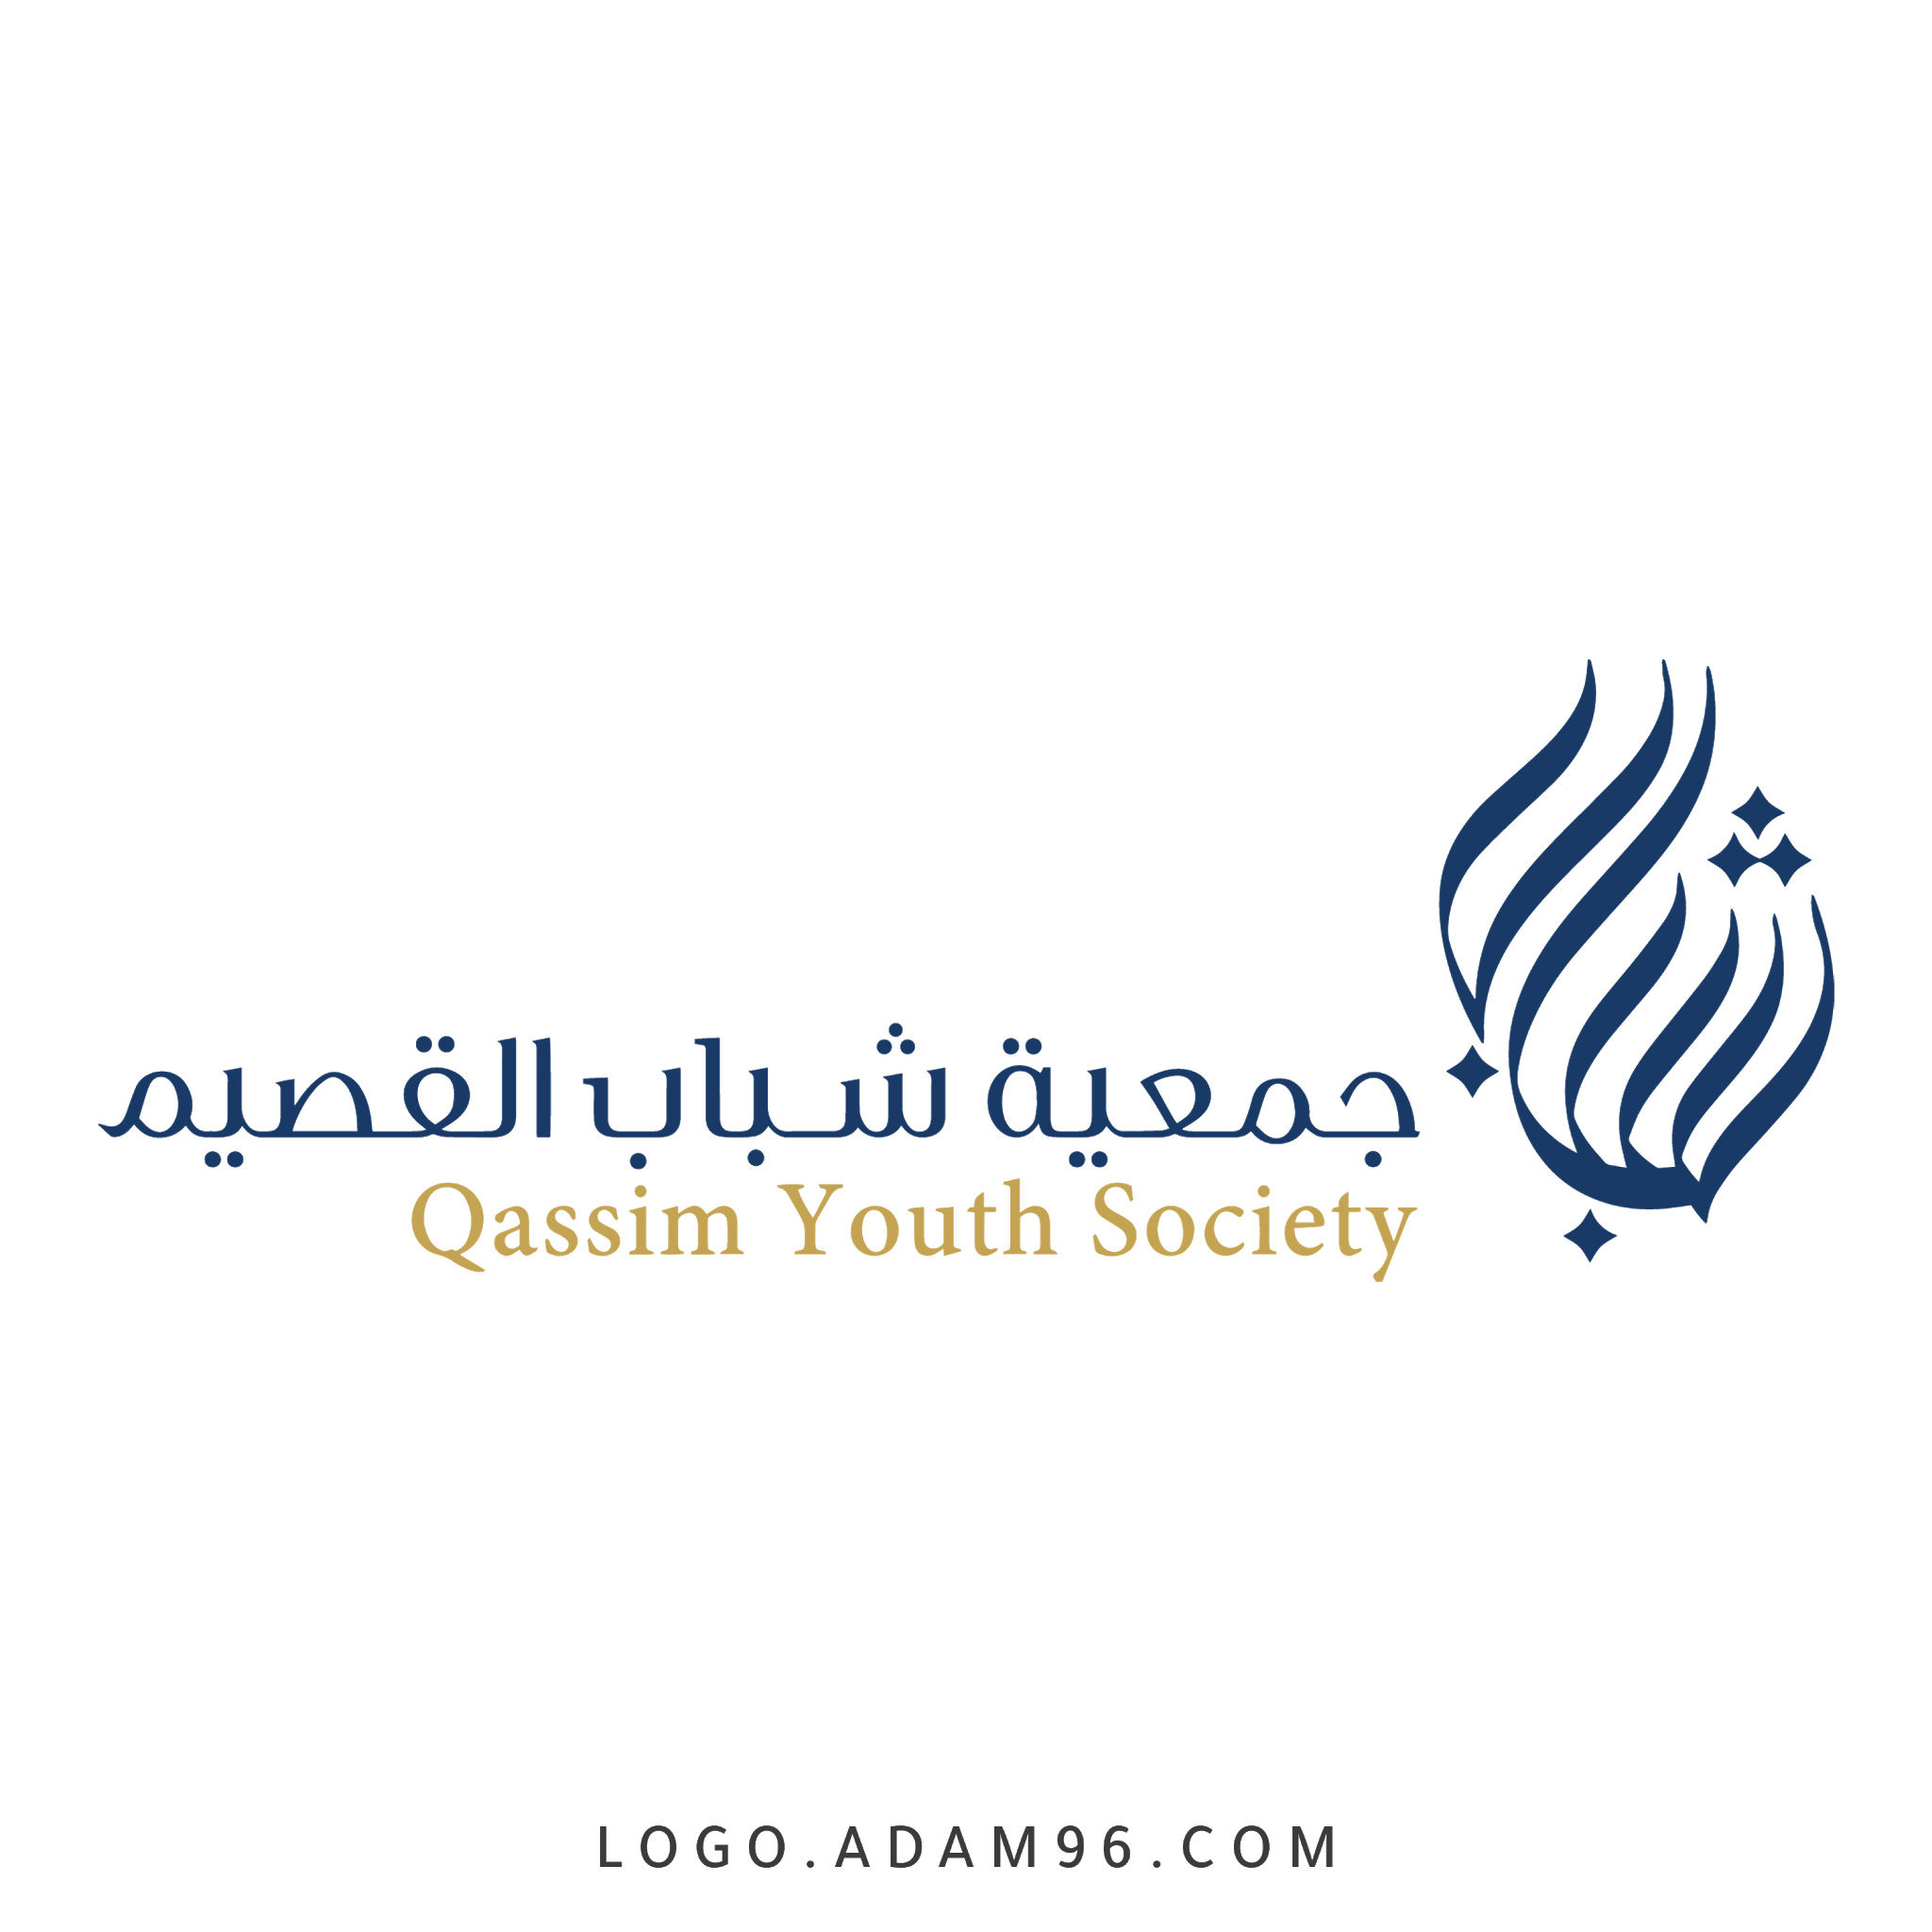 تحميل شعار الرسمي جمعية شباب القصيم السعودية بدقة عالية PNG